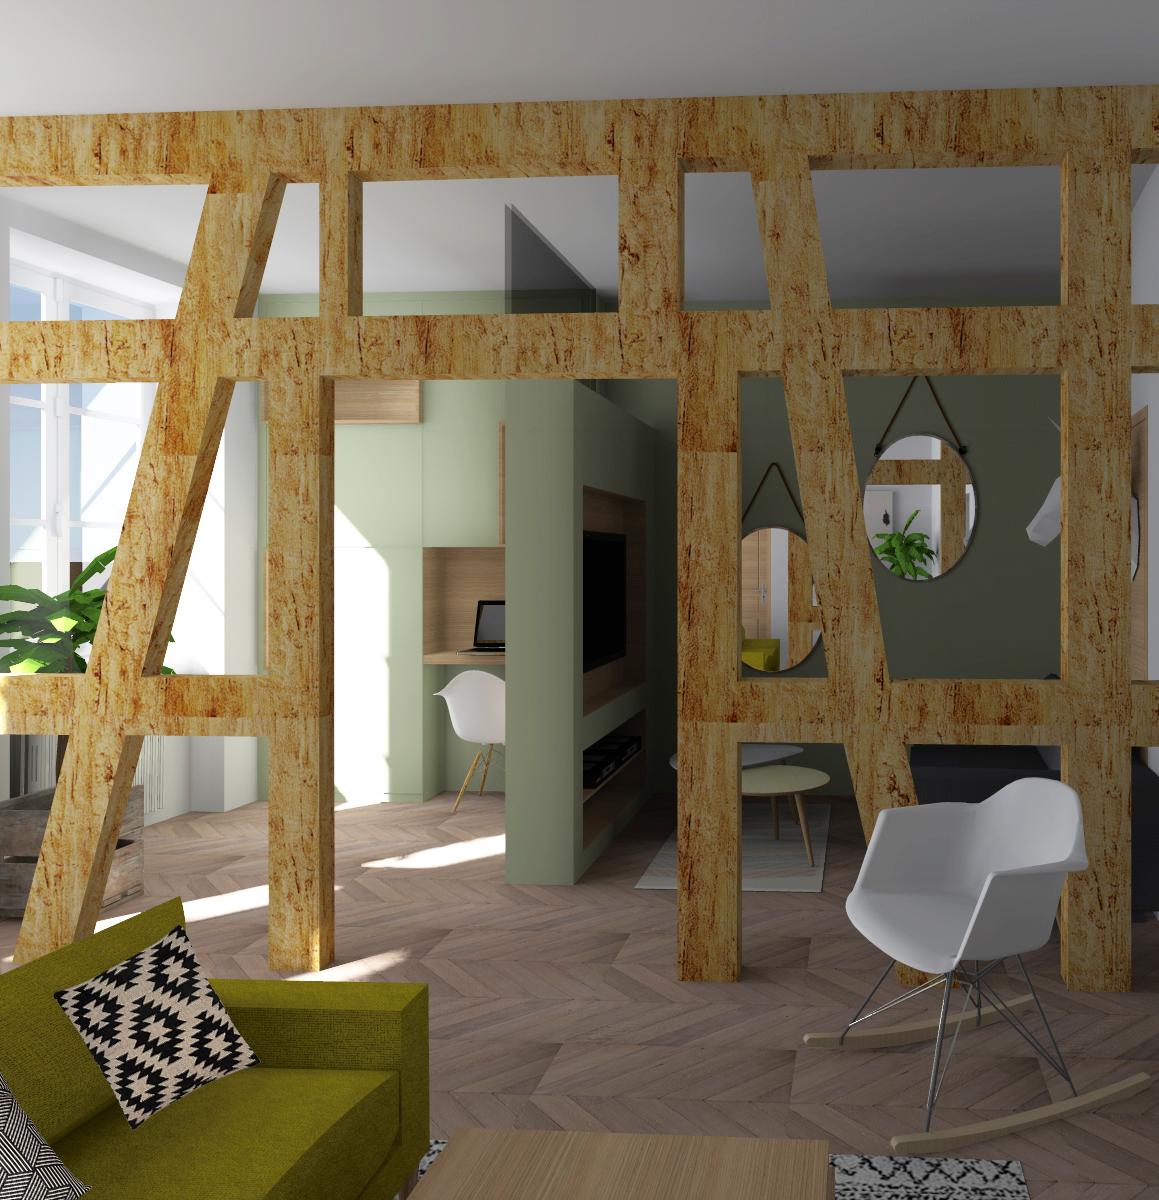 v2 vue de la salle a manger vers le salon tv et le bureau avec deco studio fdmd. Black Bedroom Furniture Sets. Home Design Ideas